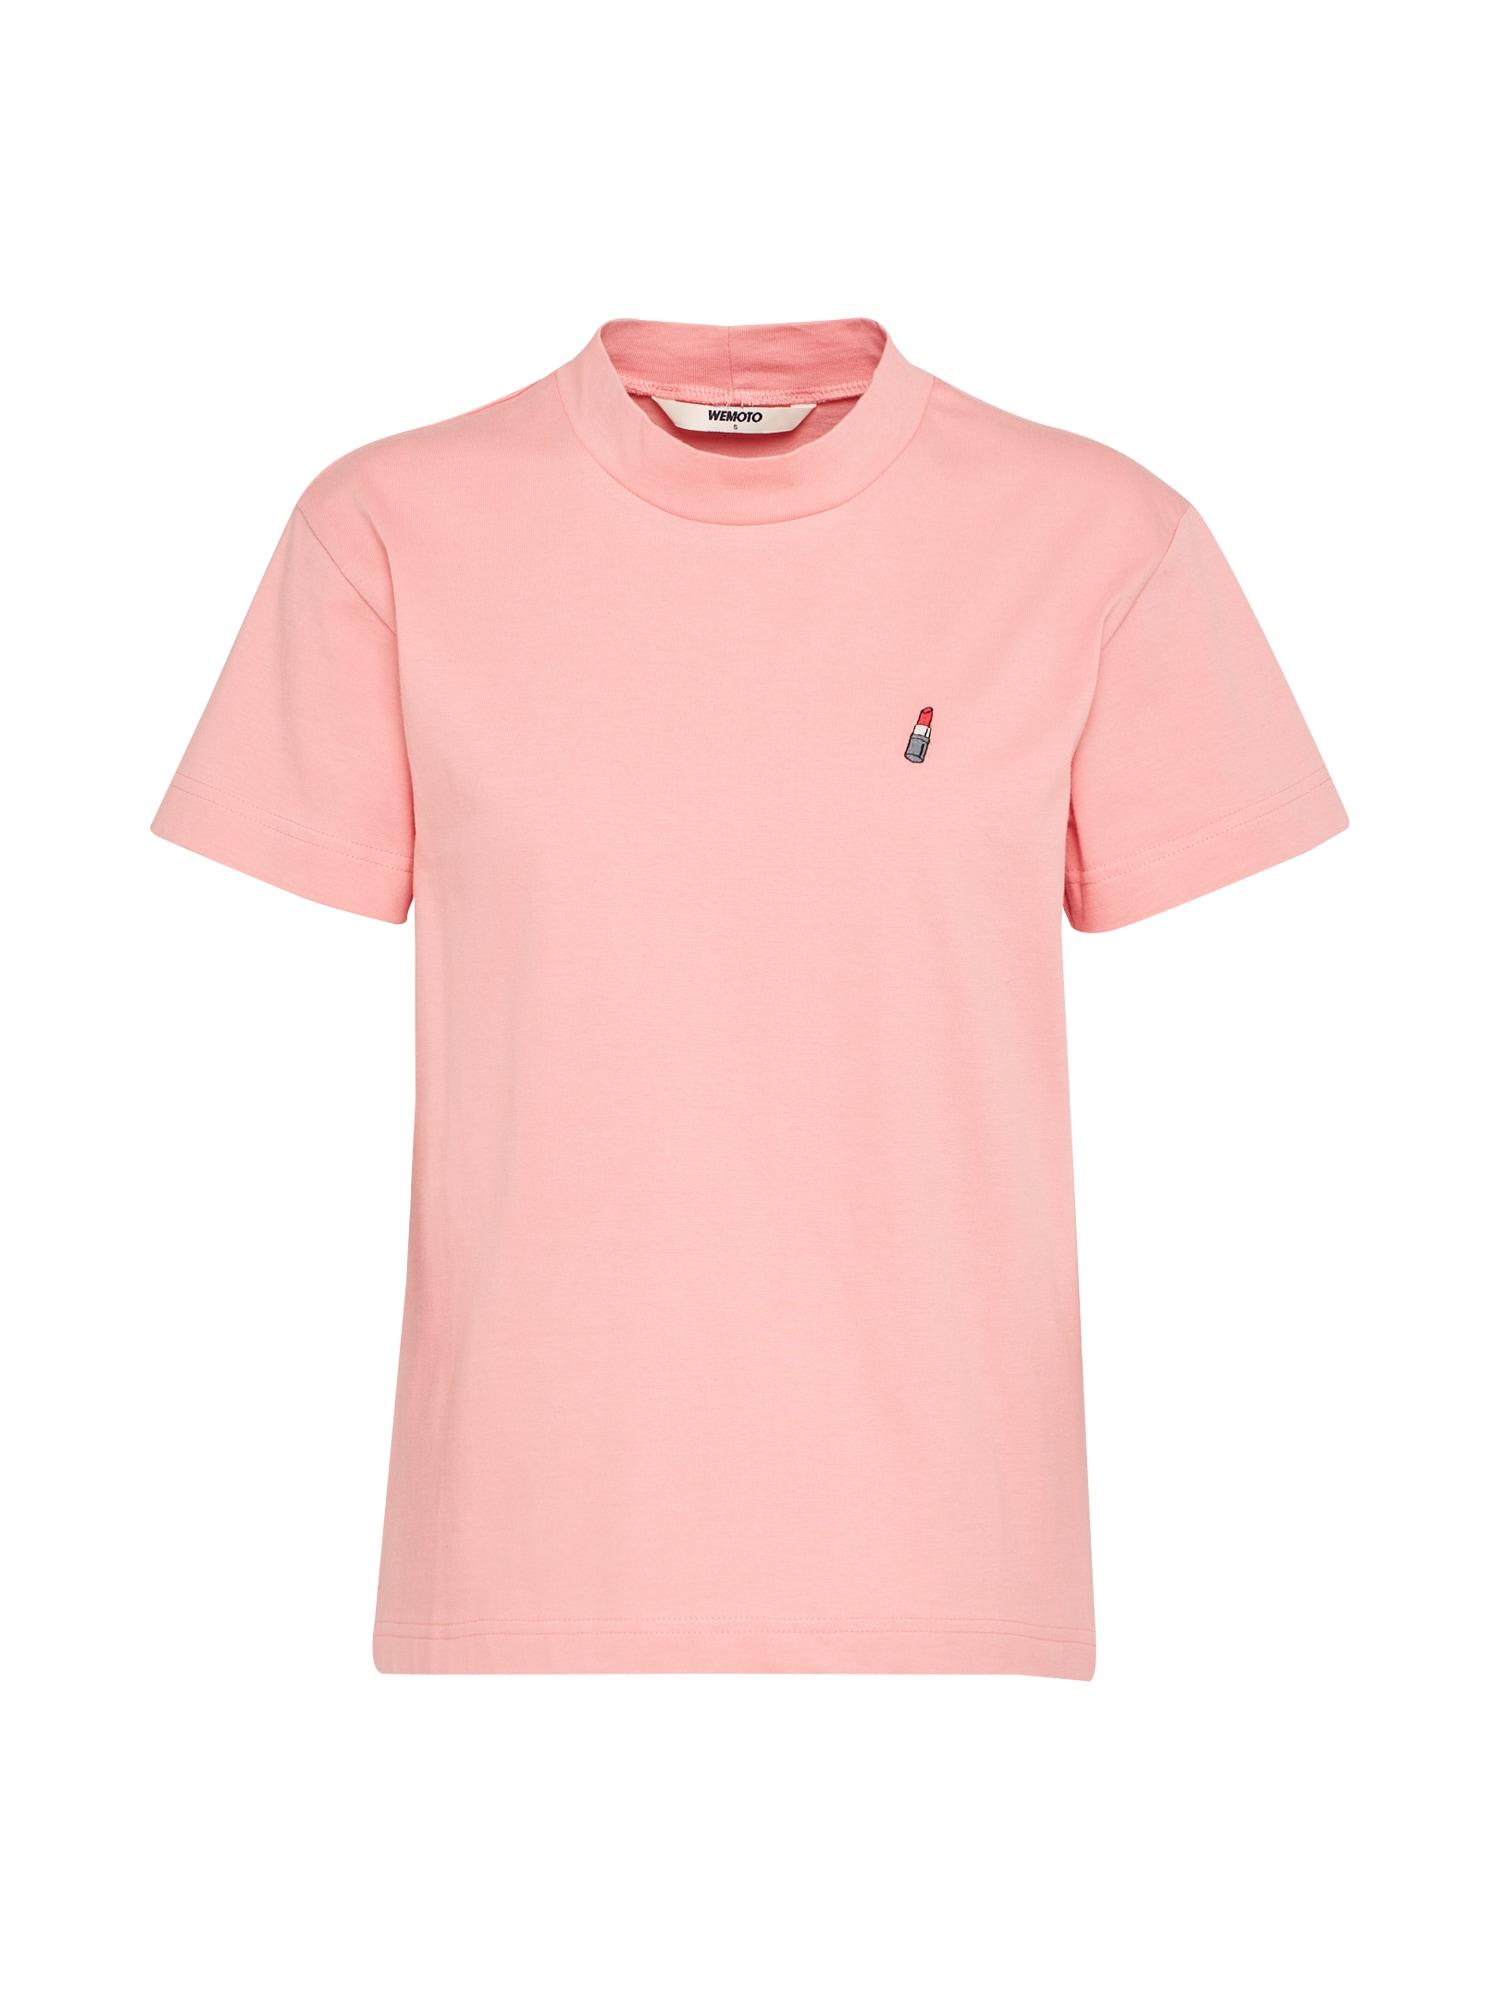 Tričko Lipstick pink Wemoto